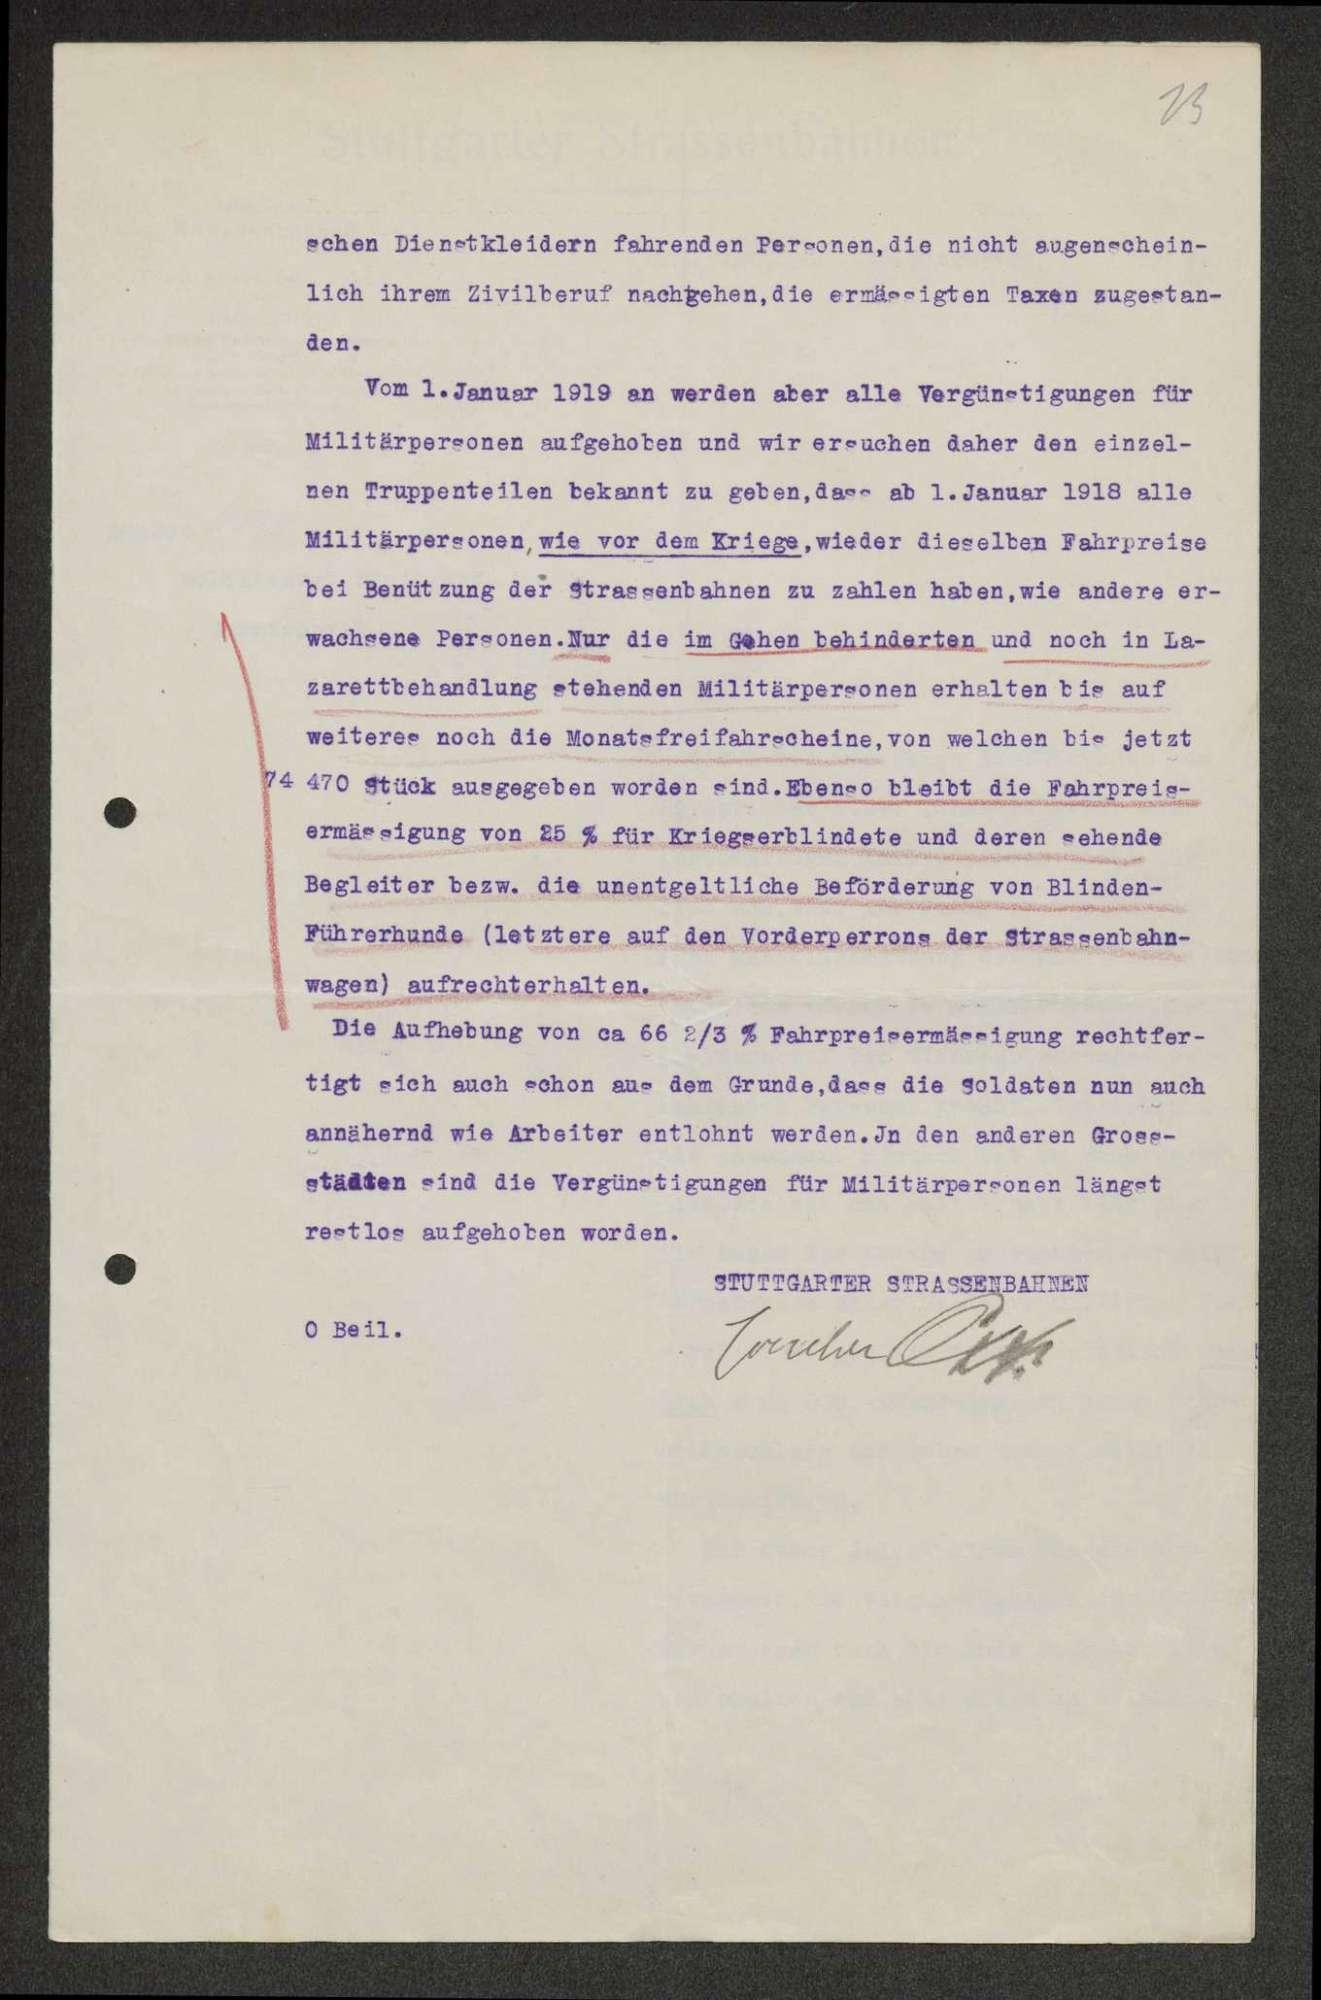 Aufhebung von Begünstigungen für Militärpersonen bei den Stuttgarter Straßenbahnen, Bild 2